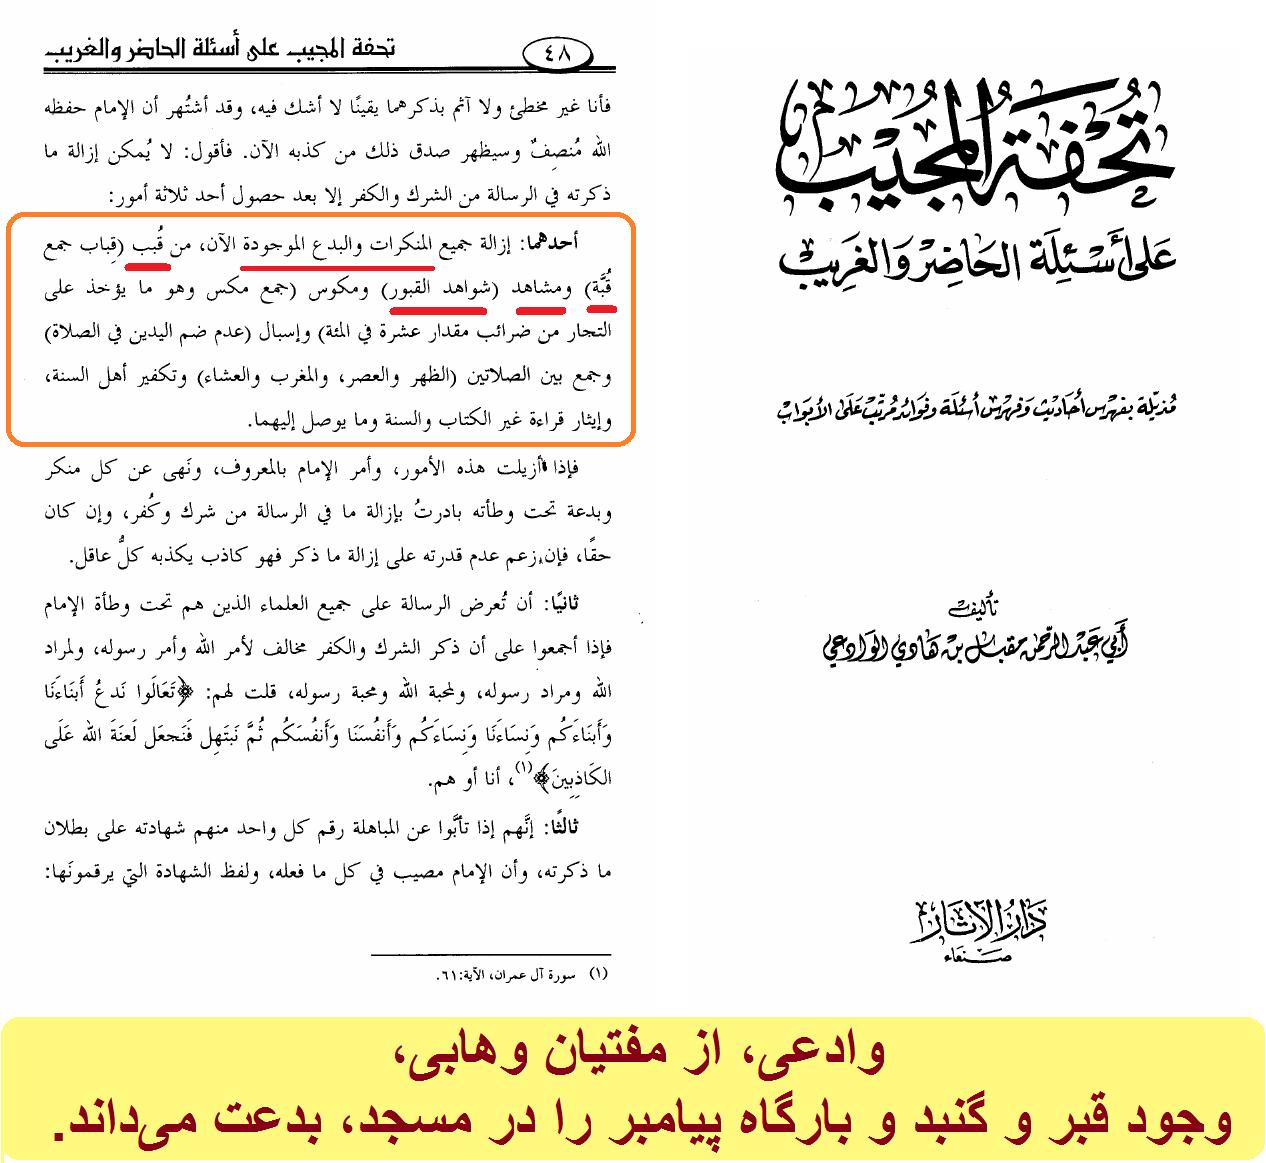 بدعت دانستن گنبد و بارگاه توسط وهابیان